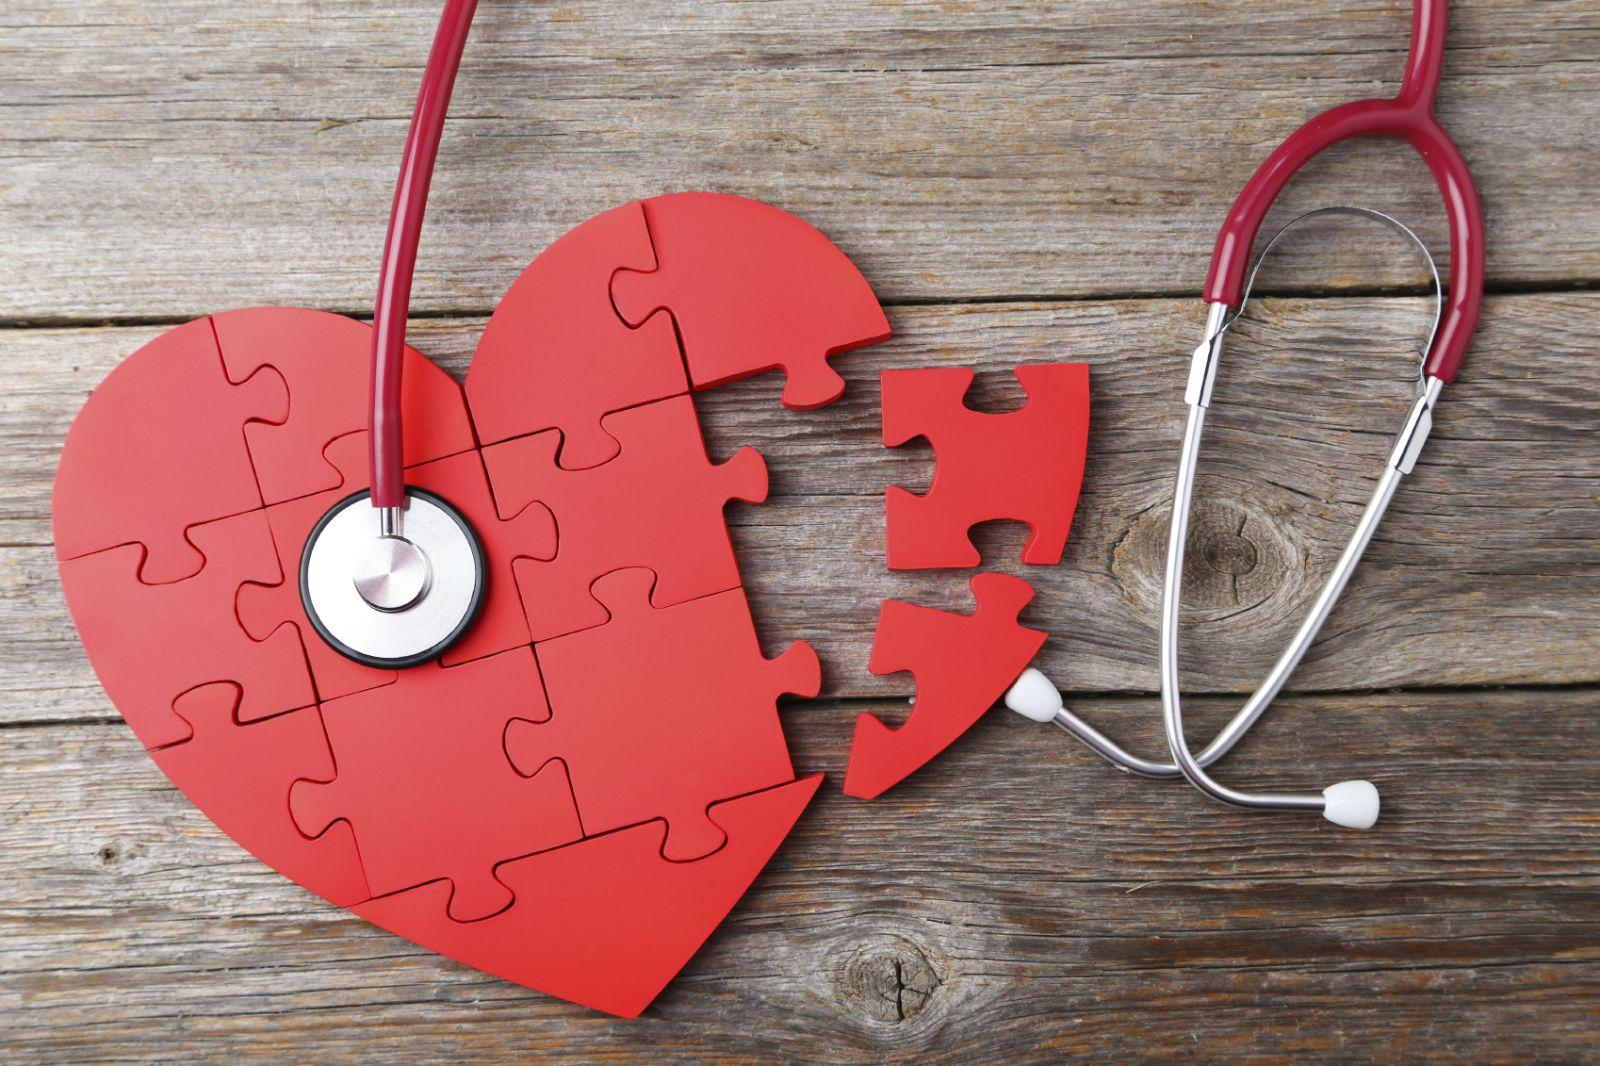 ارتباط امراض قلبی و عروقی با زوال عقل